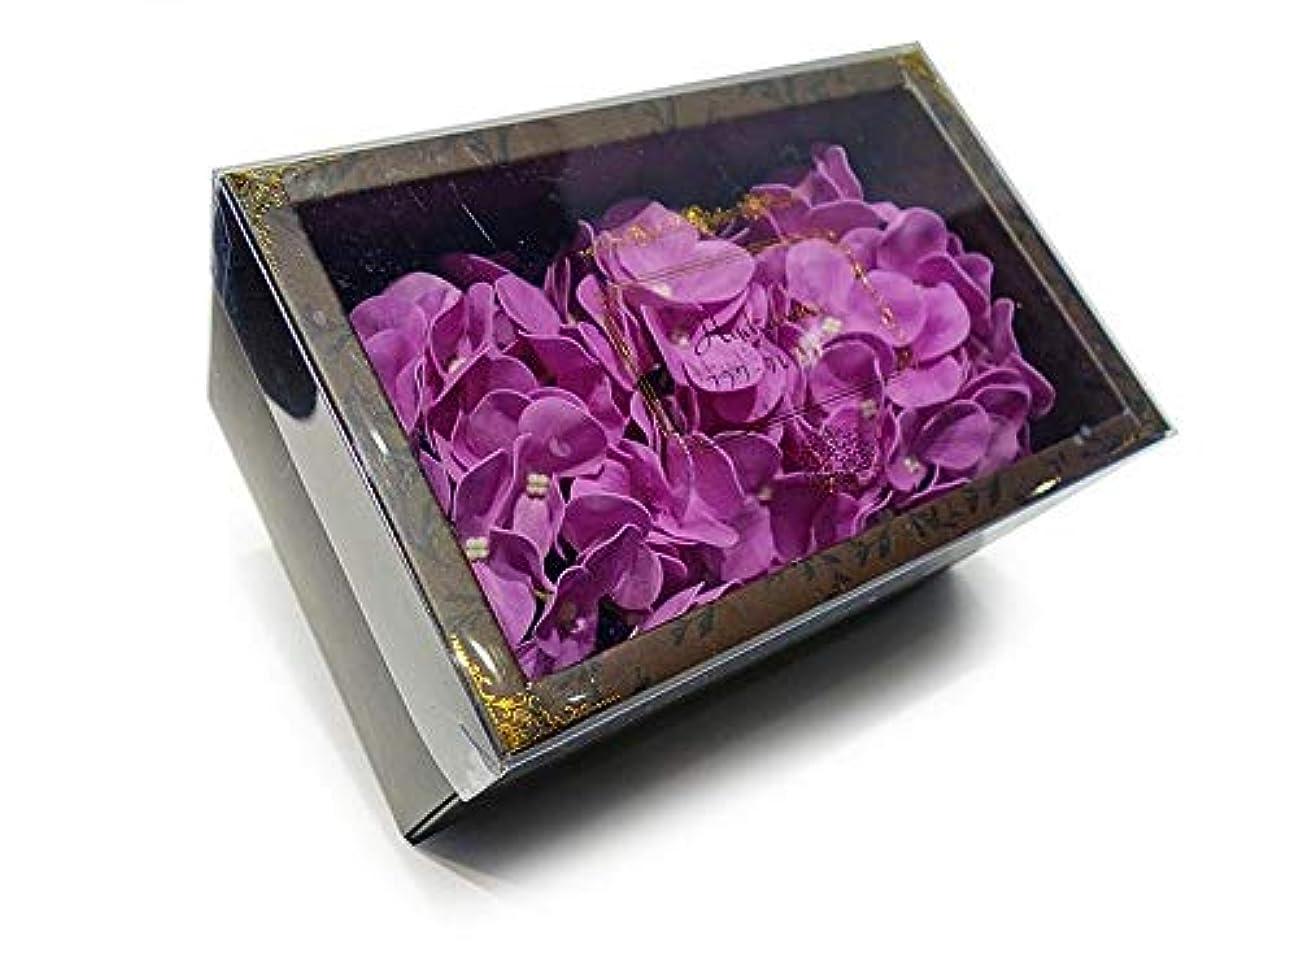 長老増幅器マングル花のカタチの入浴剤 アジサイ バスフレグランス フラワーフレグランス バスフラワー (パープル)